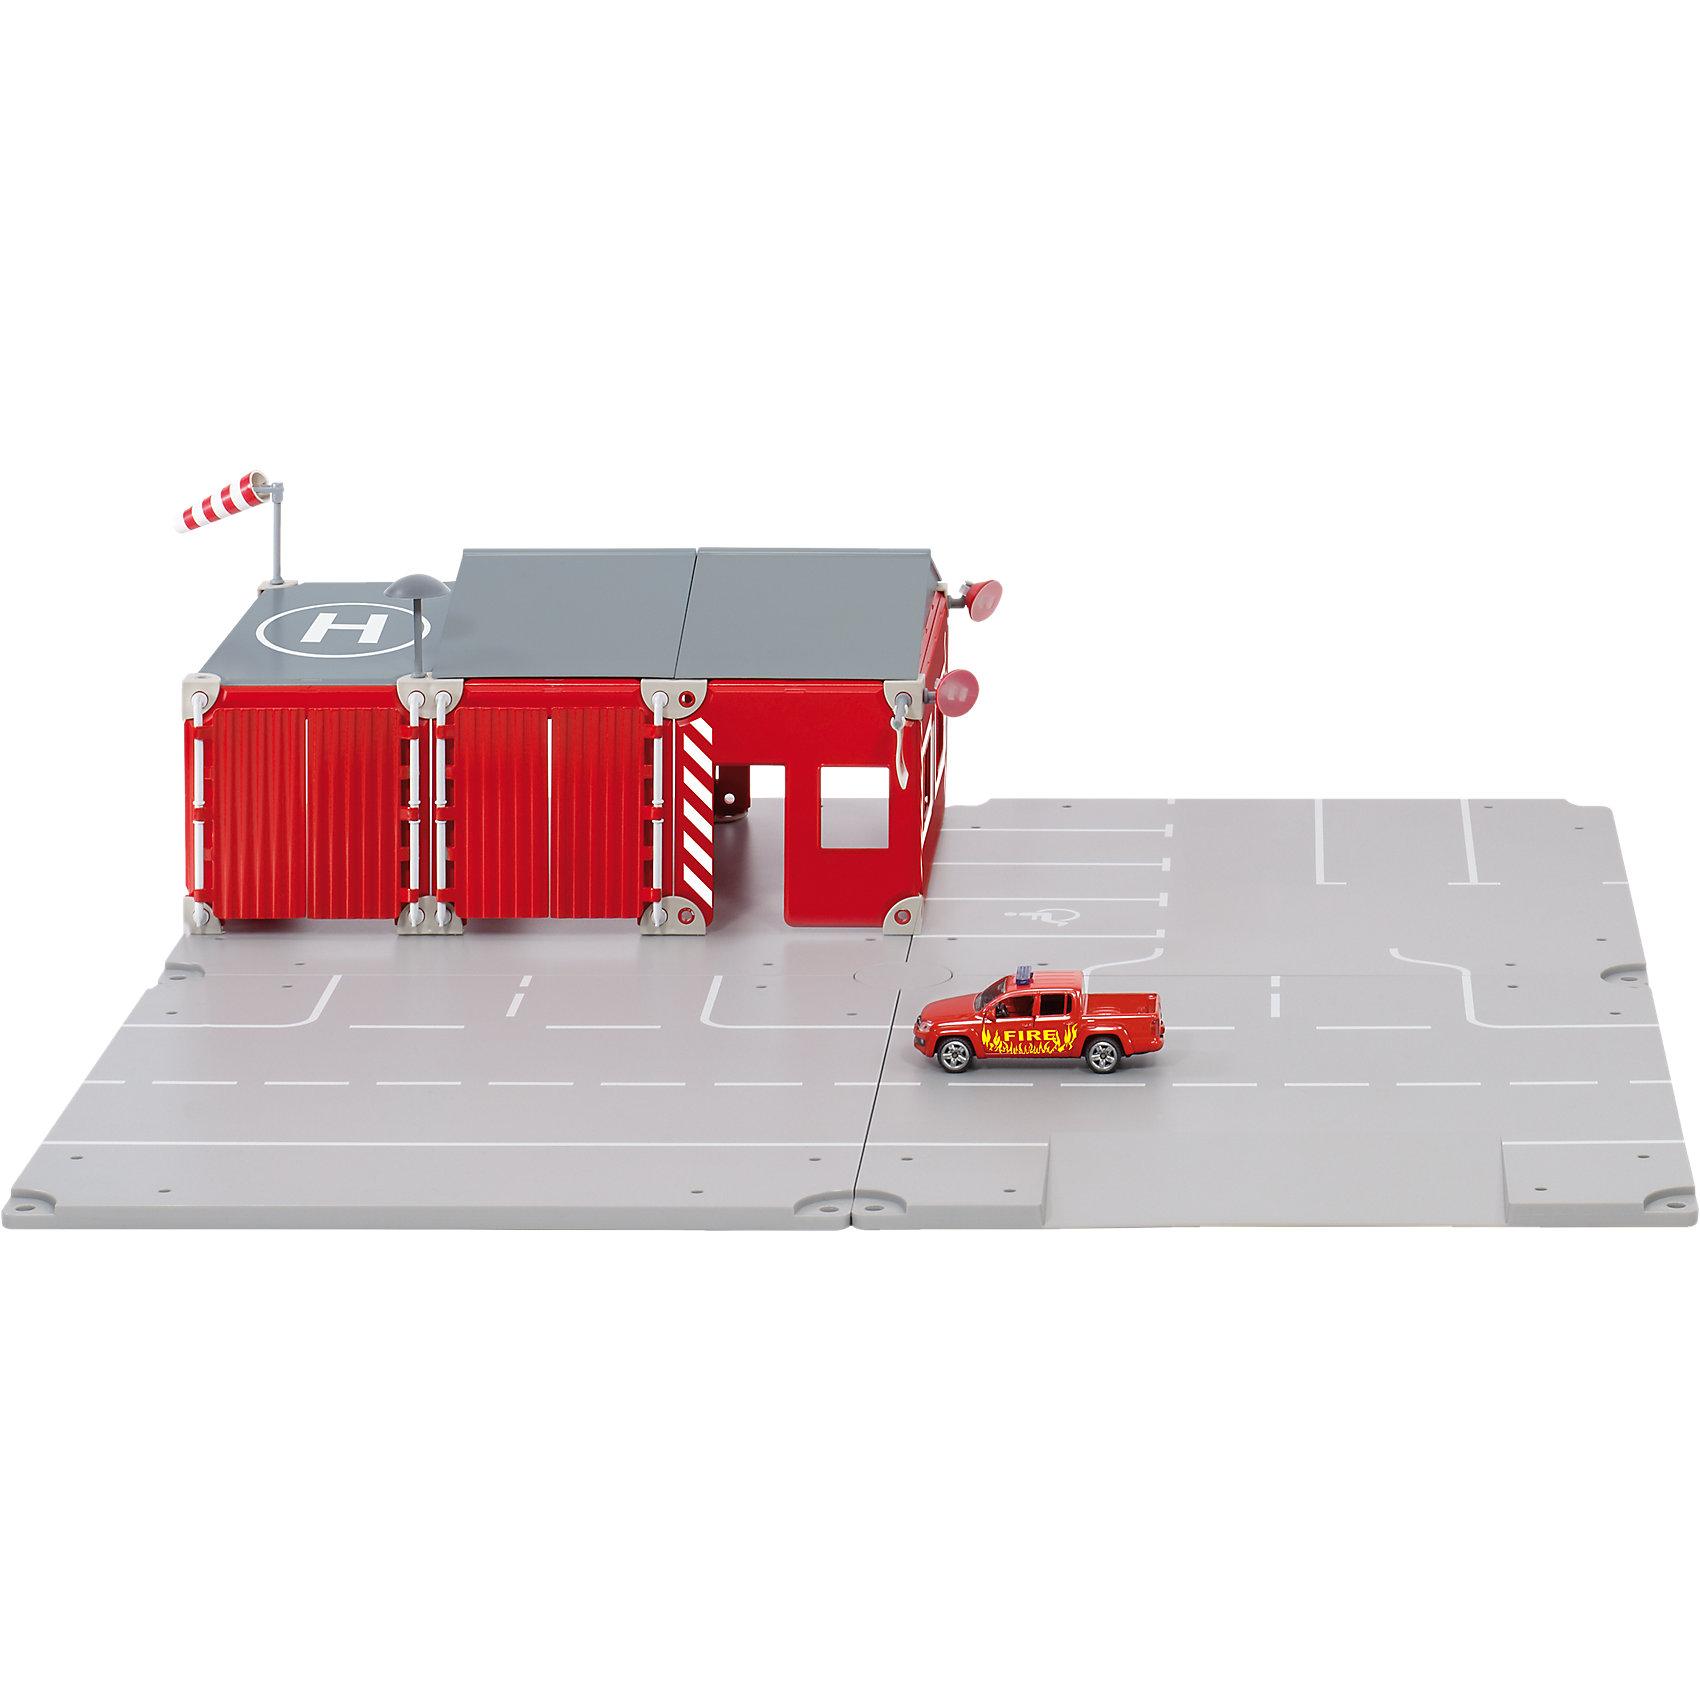 SIKU 5502 SIKU WORLD Набор Пожарная бригадаИгровые наборы<br>Игровой набор Пожарная бригада, Siku World, станет замечательным подарком для мальчика любого возраста. Большое разнообразие деталей и аксессуаров позволяют ребенку создавать различные варианты дорожной инфраструктуры, ничем не ограничивая свою фантазию. В комплекте Вы найдете детали для сборки  участка дороги с нанесенной разметкой, пожарную машину и множество аксессуаров. Большое красное здание пожарного депо с прекрасно выполненными деталями придает игре реалистичности и делают ее еще интересней. Все аксессуары хорошо держаться на платформе благодаря специальным креплениям. Набор поможет развить фантазию, воображение и мелкую моторику, познакомит ребенка с простыми правилами дорожного движения. Подходит для игры с моделями масштаба 1:50 или меньше.<br><br>Дополнительная информация:<br><br>- В комплекте: 4 детали дорожного полотна, пожарное депо с крышей, 1 пожарная машина, сирена, флаг, ветрозащита, аксессуары. <br>- Материал: пластик, металл, резина.<br>- Размер упаковки: 38 x 28 x 6 см.<br>- Вес: 1,485 кг.<br><br> 5502 Набор Siku World Набор Пожарная бригада можно купить в нашем интернет-магазине.<br><br>Ширина мм: 389<br>Глубина мм: 289<br>Высота мм: 66<br>Вес г: 1496<br>Возраст от месяцев: 36<br>Возраст до месяцев: 96<br>Пол: Мужской<br>Возраст: Детский<br>SKU: 3716528